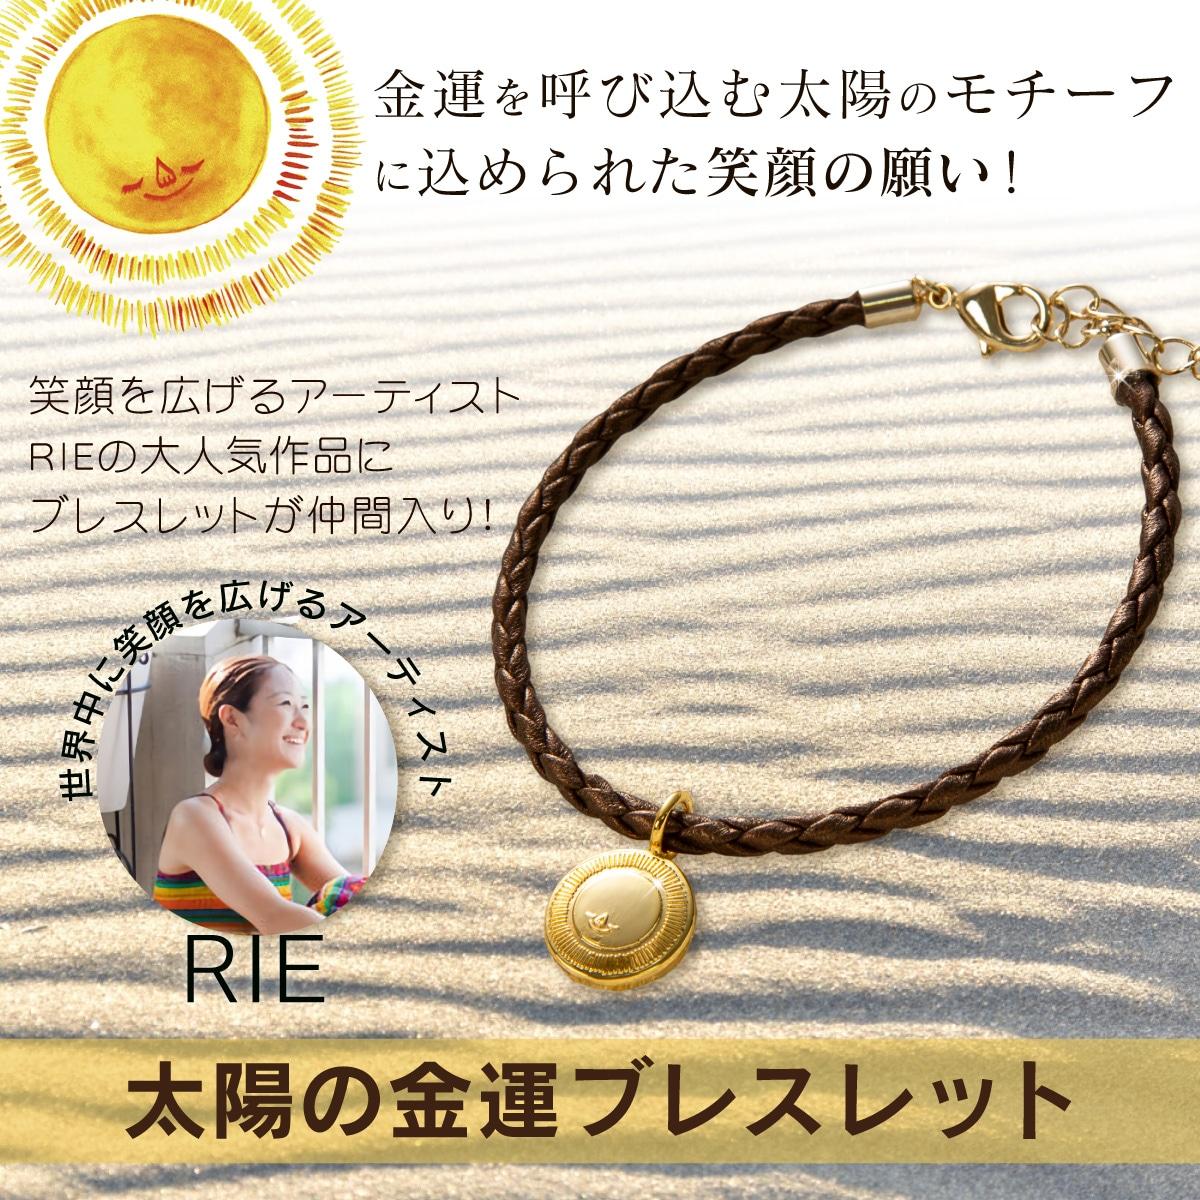 RIEの『太陽の金運ブレスレット』 開運グッズ